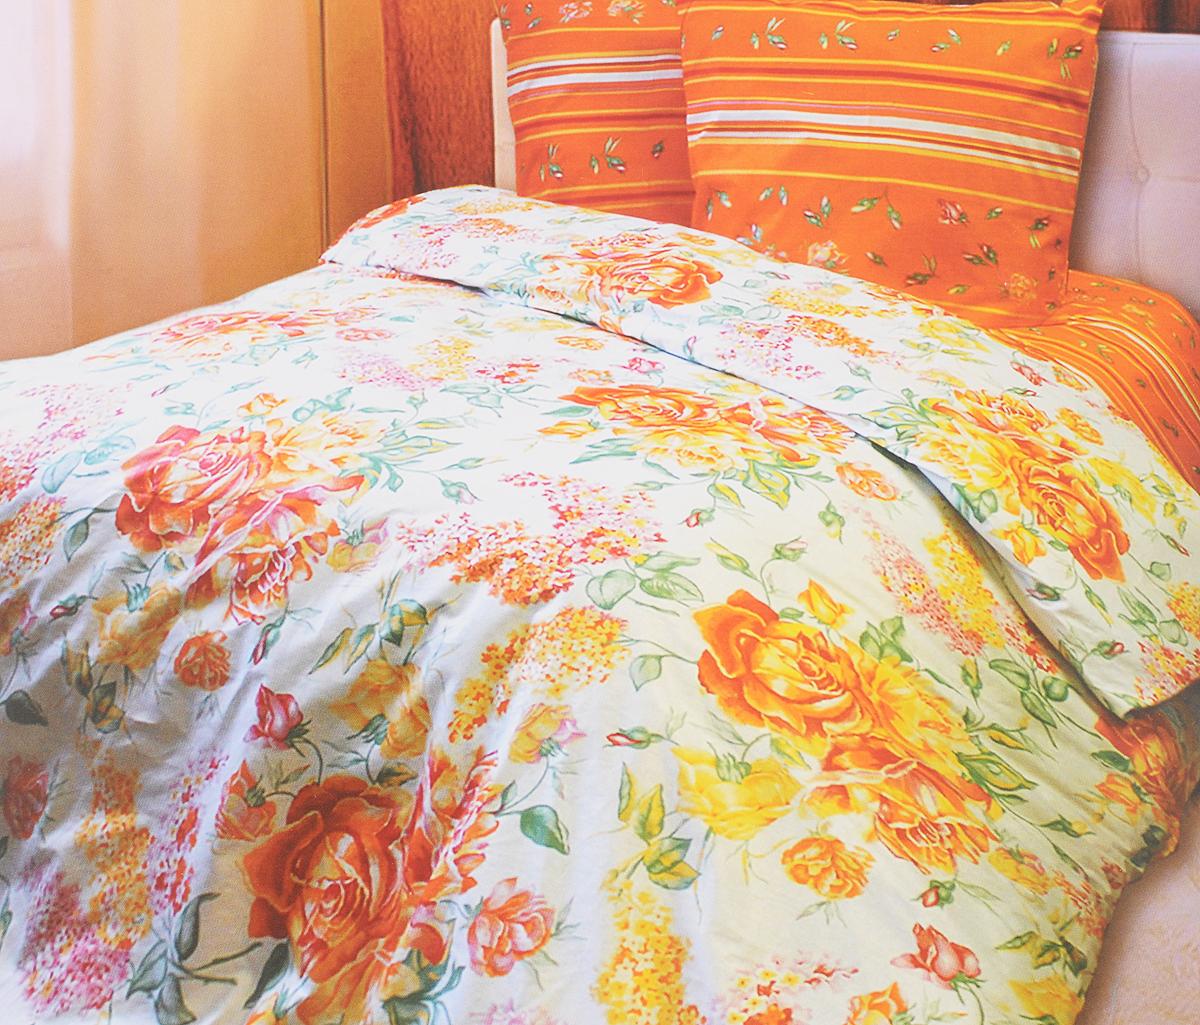 Комплект белья Катюша Сюзанна, 2-спальный, наволочки 50х70, цвет: белый, оранжевыйC-265/3839Комплект постельного белья Катюша Сюзанна является экологически безопасным для всей семьи, так как выполнен из бязи (100% хлопок). Комплект состоит из пододеяльника, простыни и двух наволочек. Постельное белье оформлено оригинальным рисунком и имеет изысканный внешний вид. Бязь - это ткань полотняного переплетения, изготовленная из экологически чистого и натурального 100% хлопка. Она прочная, мягкая, обладает низкой сминаемостью, легко стирается и хорошо гладится. Бязь прекрасно пропускает воздух и за ней легко ухаживать. При соблюдении рекомендуемых условий стирки, сушки и глажения ткань имеет усадку по ГОСТу, сохранятся яркость текстильных рисунков. Приобретая комплект постельного белья Катюша Сюзанна, вы можете быть уверенны в том, что покупка доставит вам и вашим близким удовольствие и подарит максимальный комфорт.